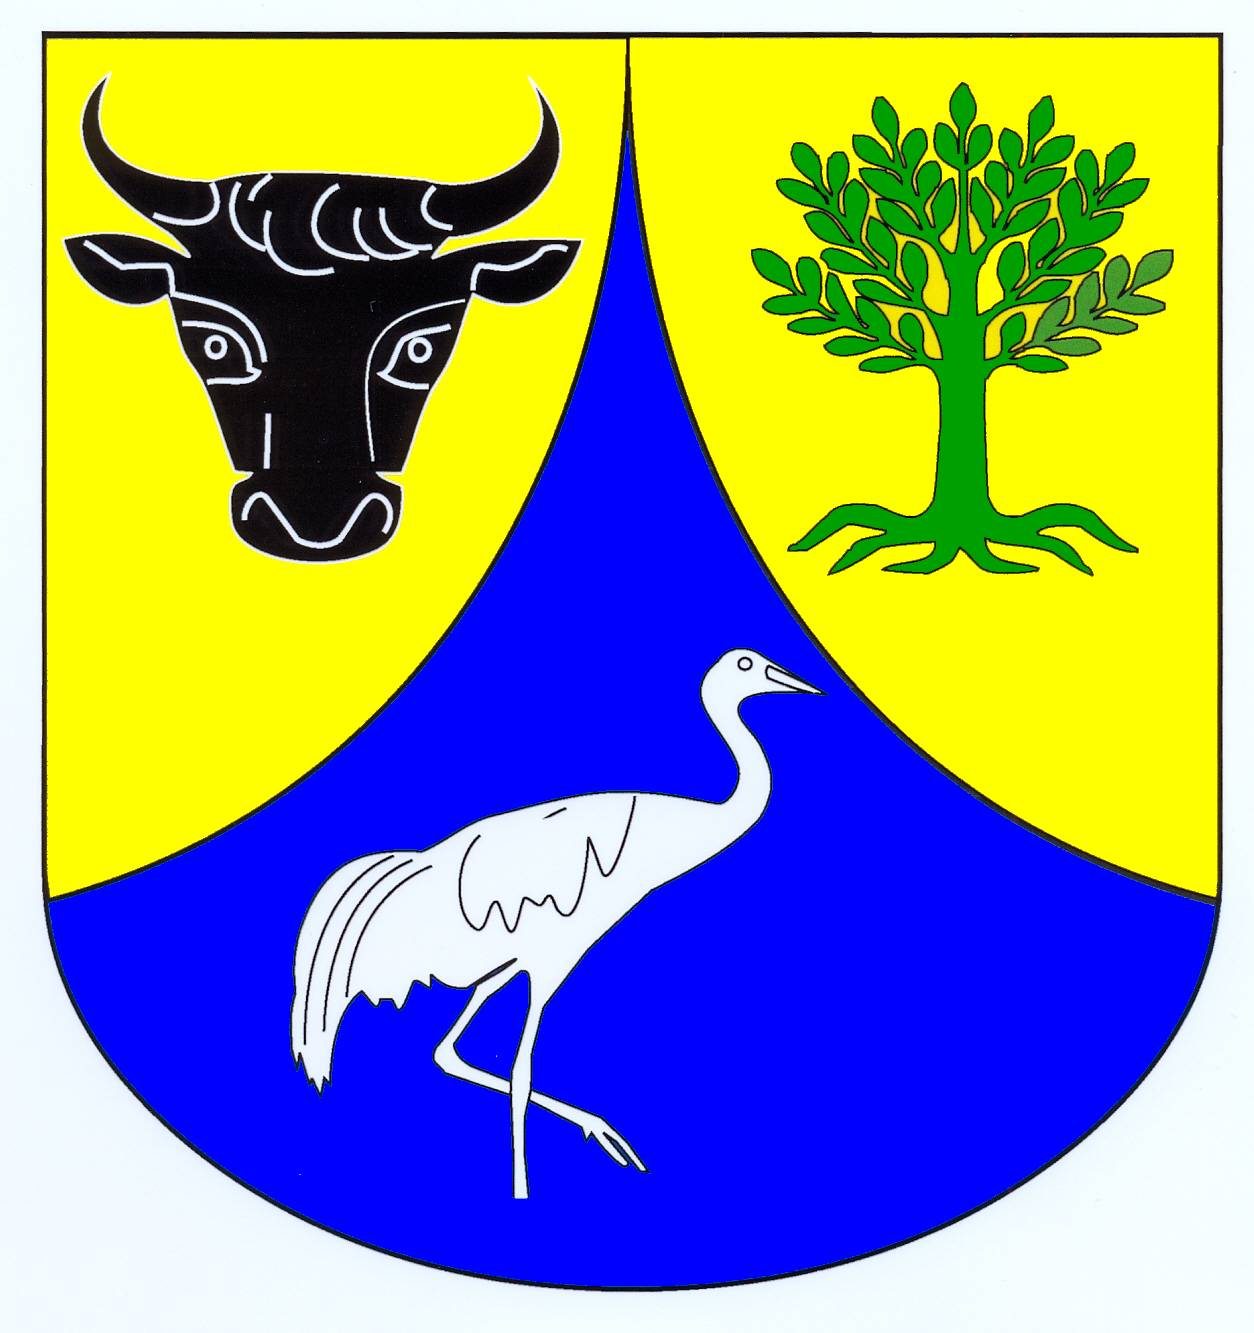 Wappen GemeindeHorst, Kreis Herzogtum Lauenburg